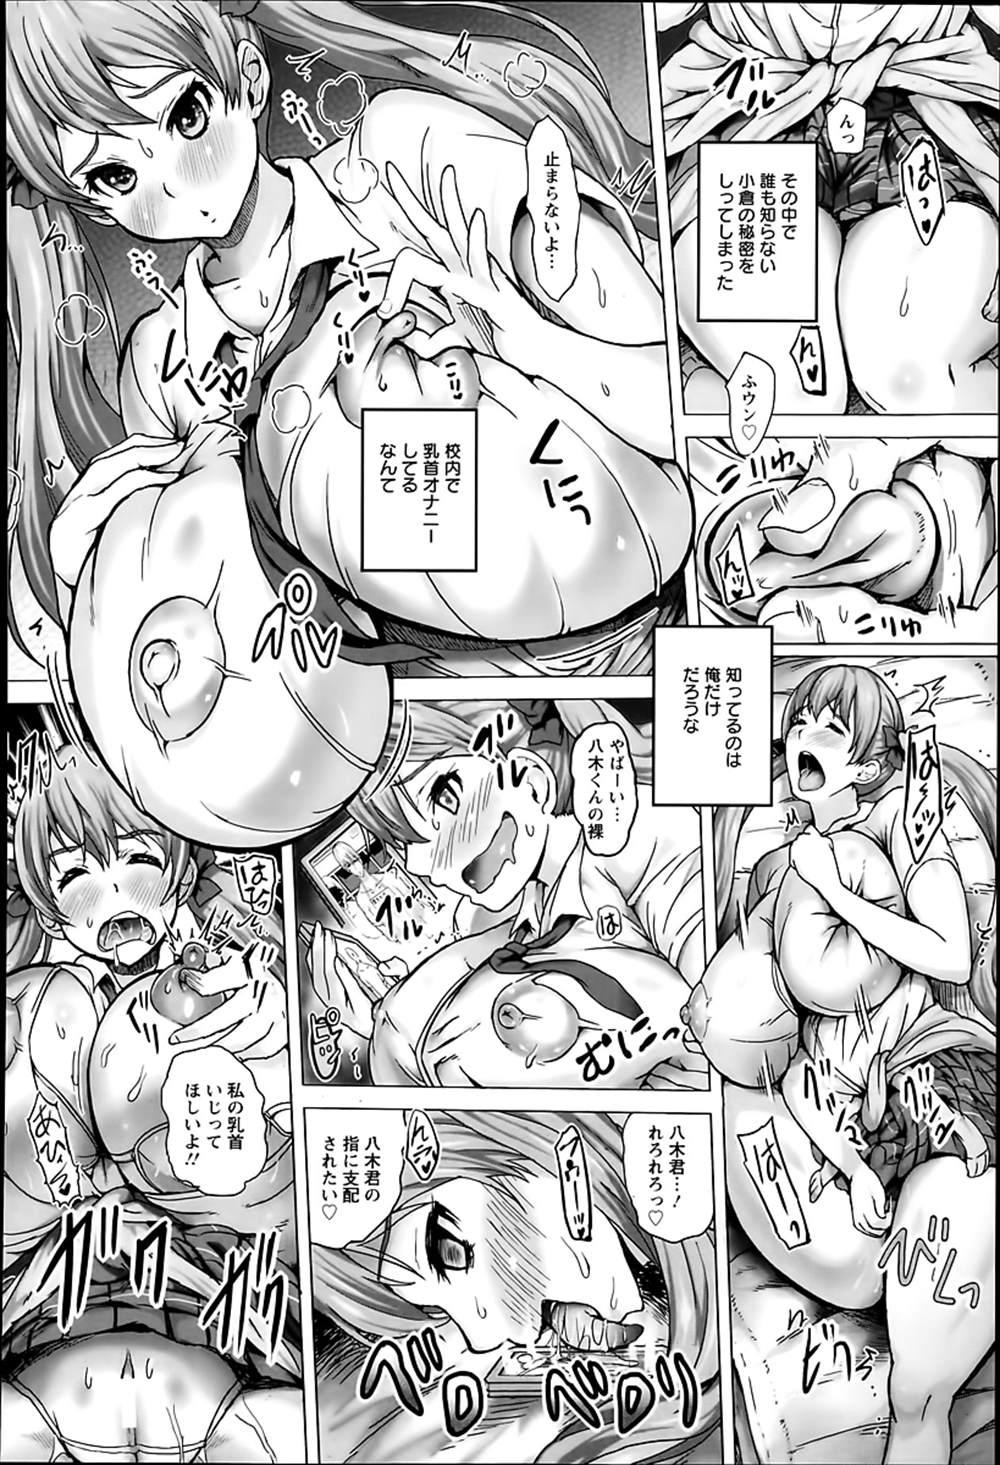 」日本男児の硬直チ●ポで鬼突きで絶頂 【白人美女】至上最強クラスの童顔・金髪爆乳美女「オー!イエス